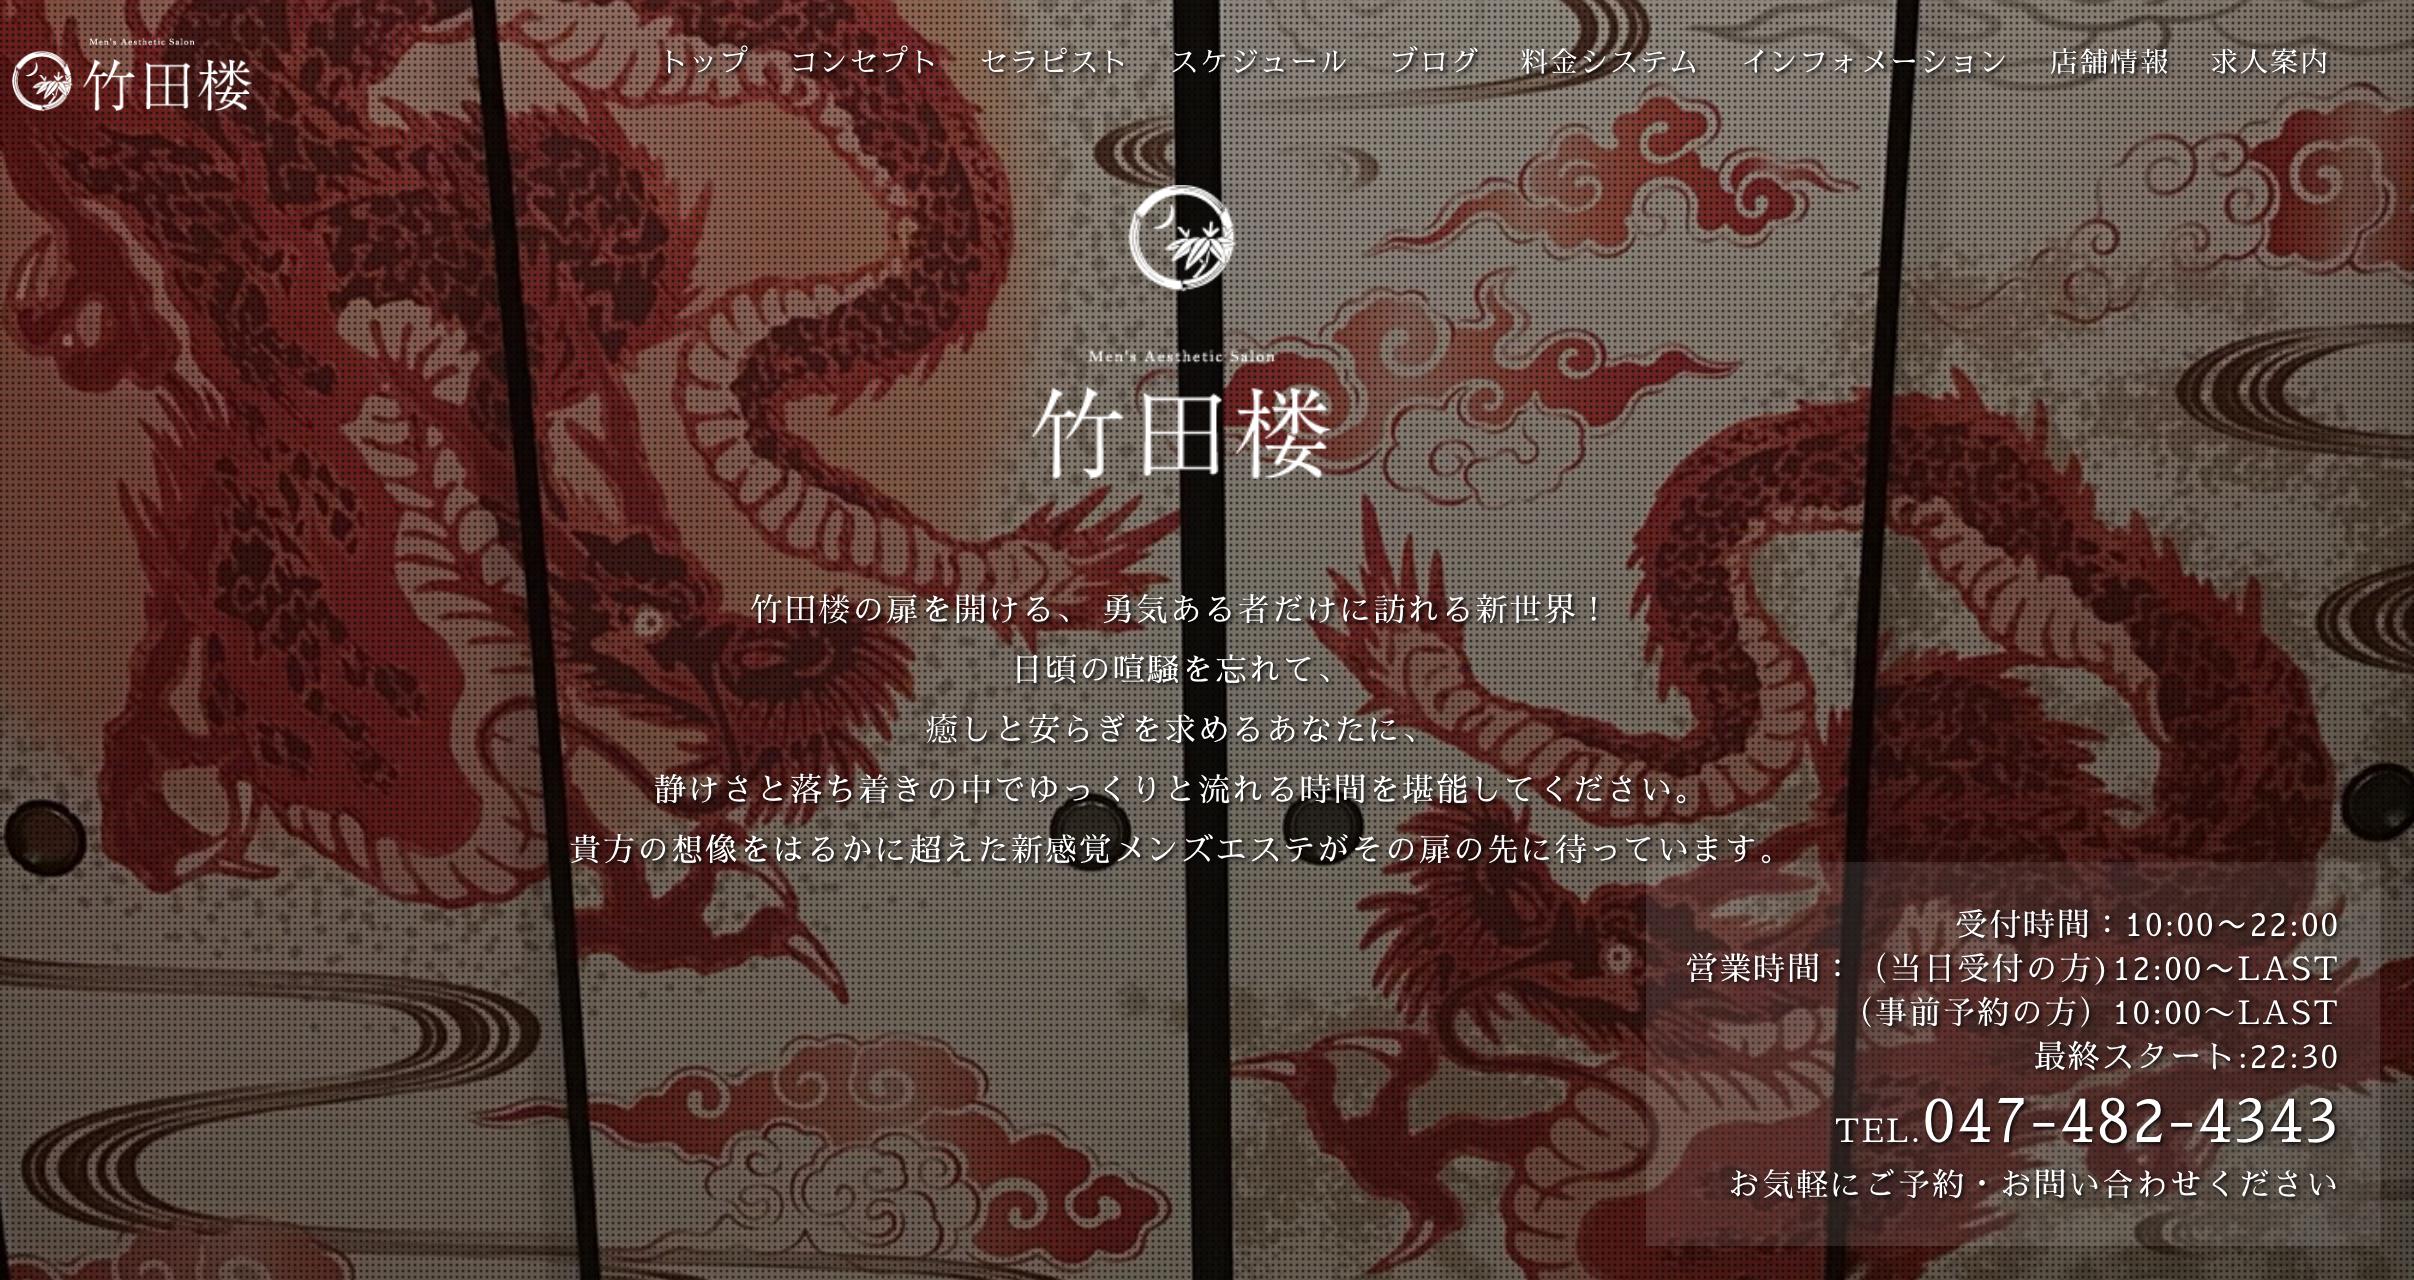 【気になるお店】竹田楼(たけだろう)千葉県八千代市